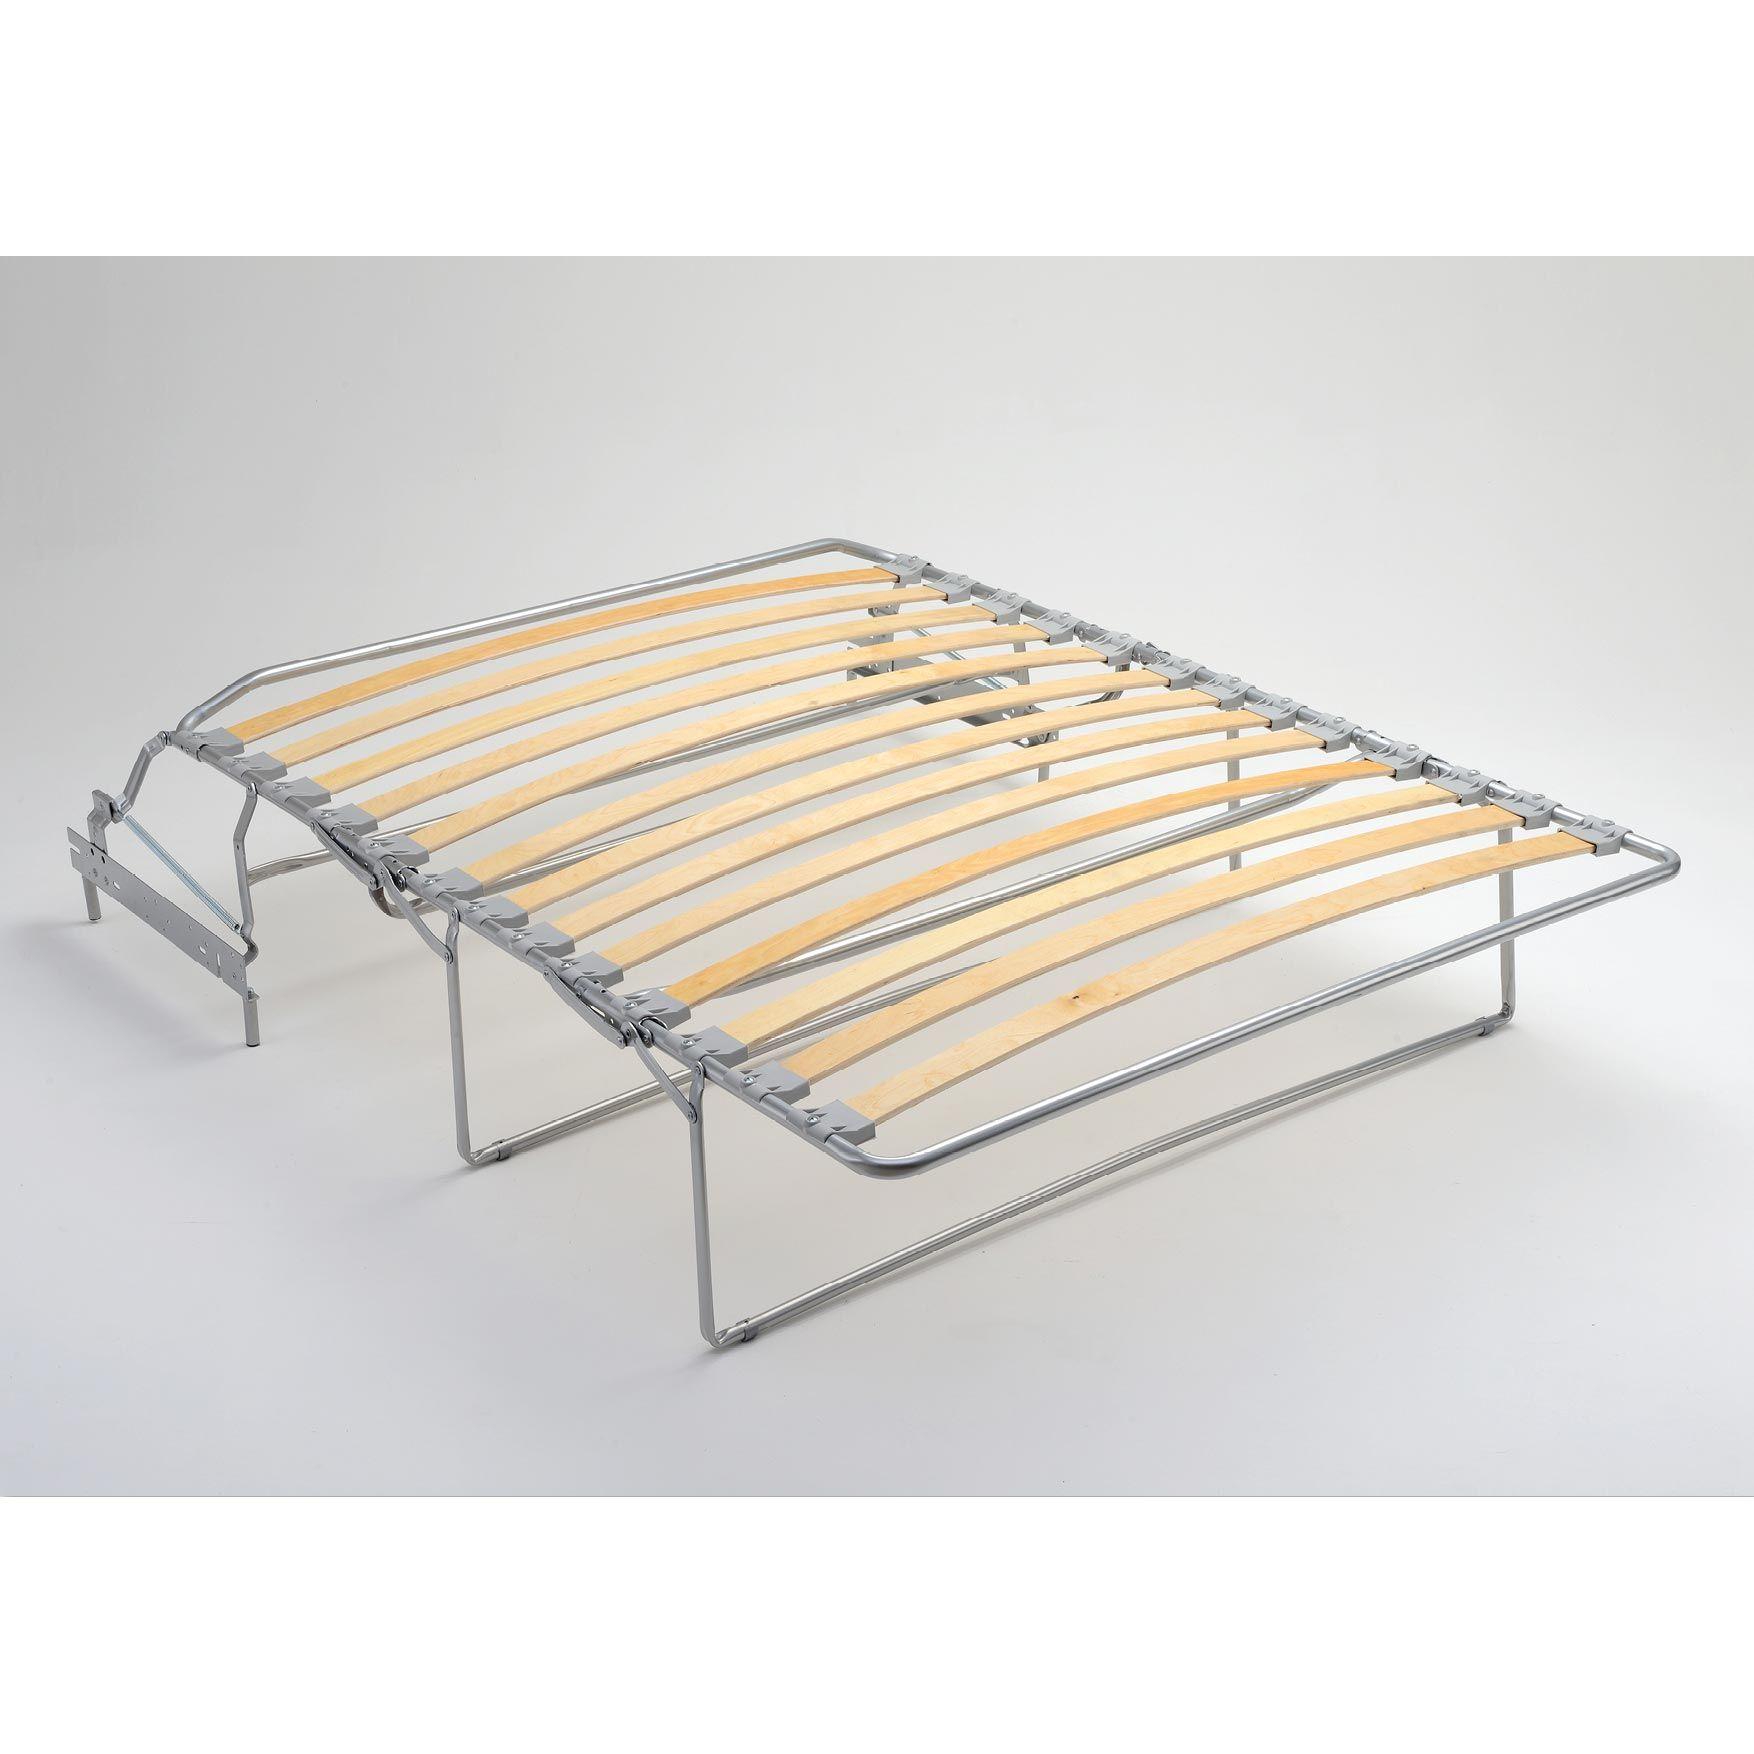 Reti materassi e trasformabili reti per divano letto - Divano letto con rete a doghe ...